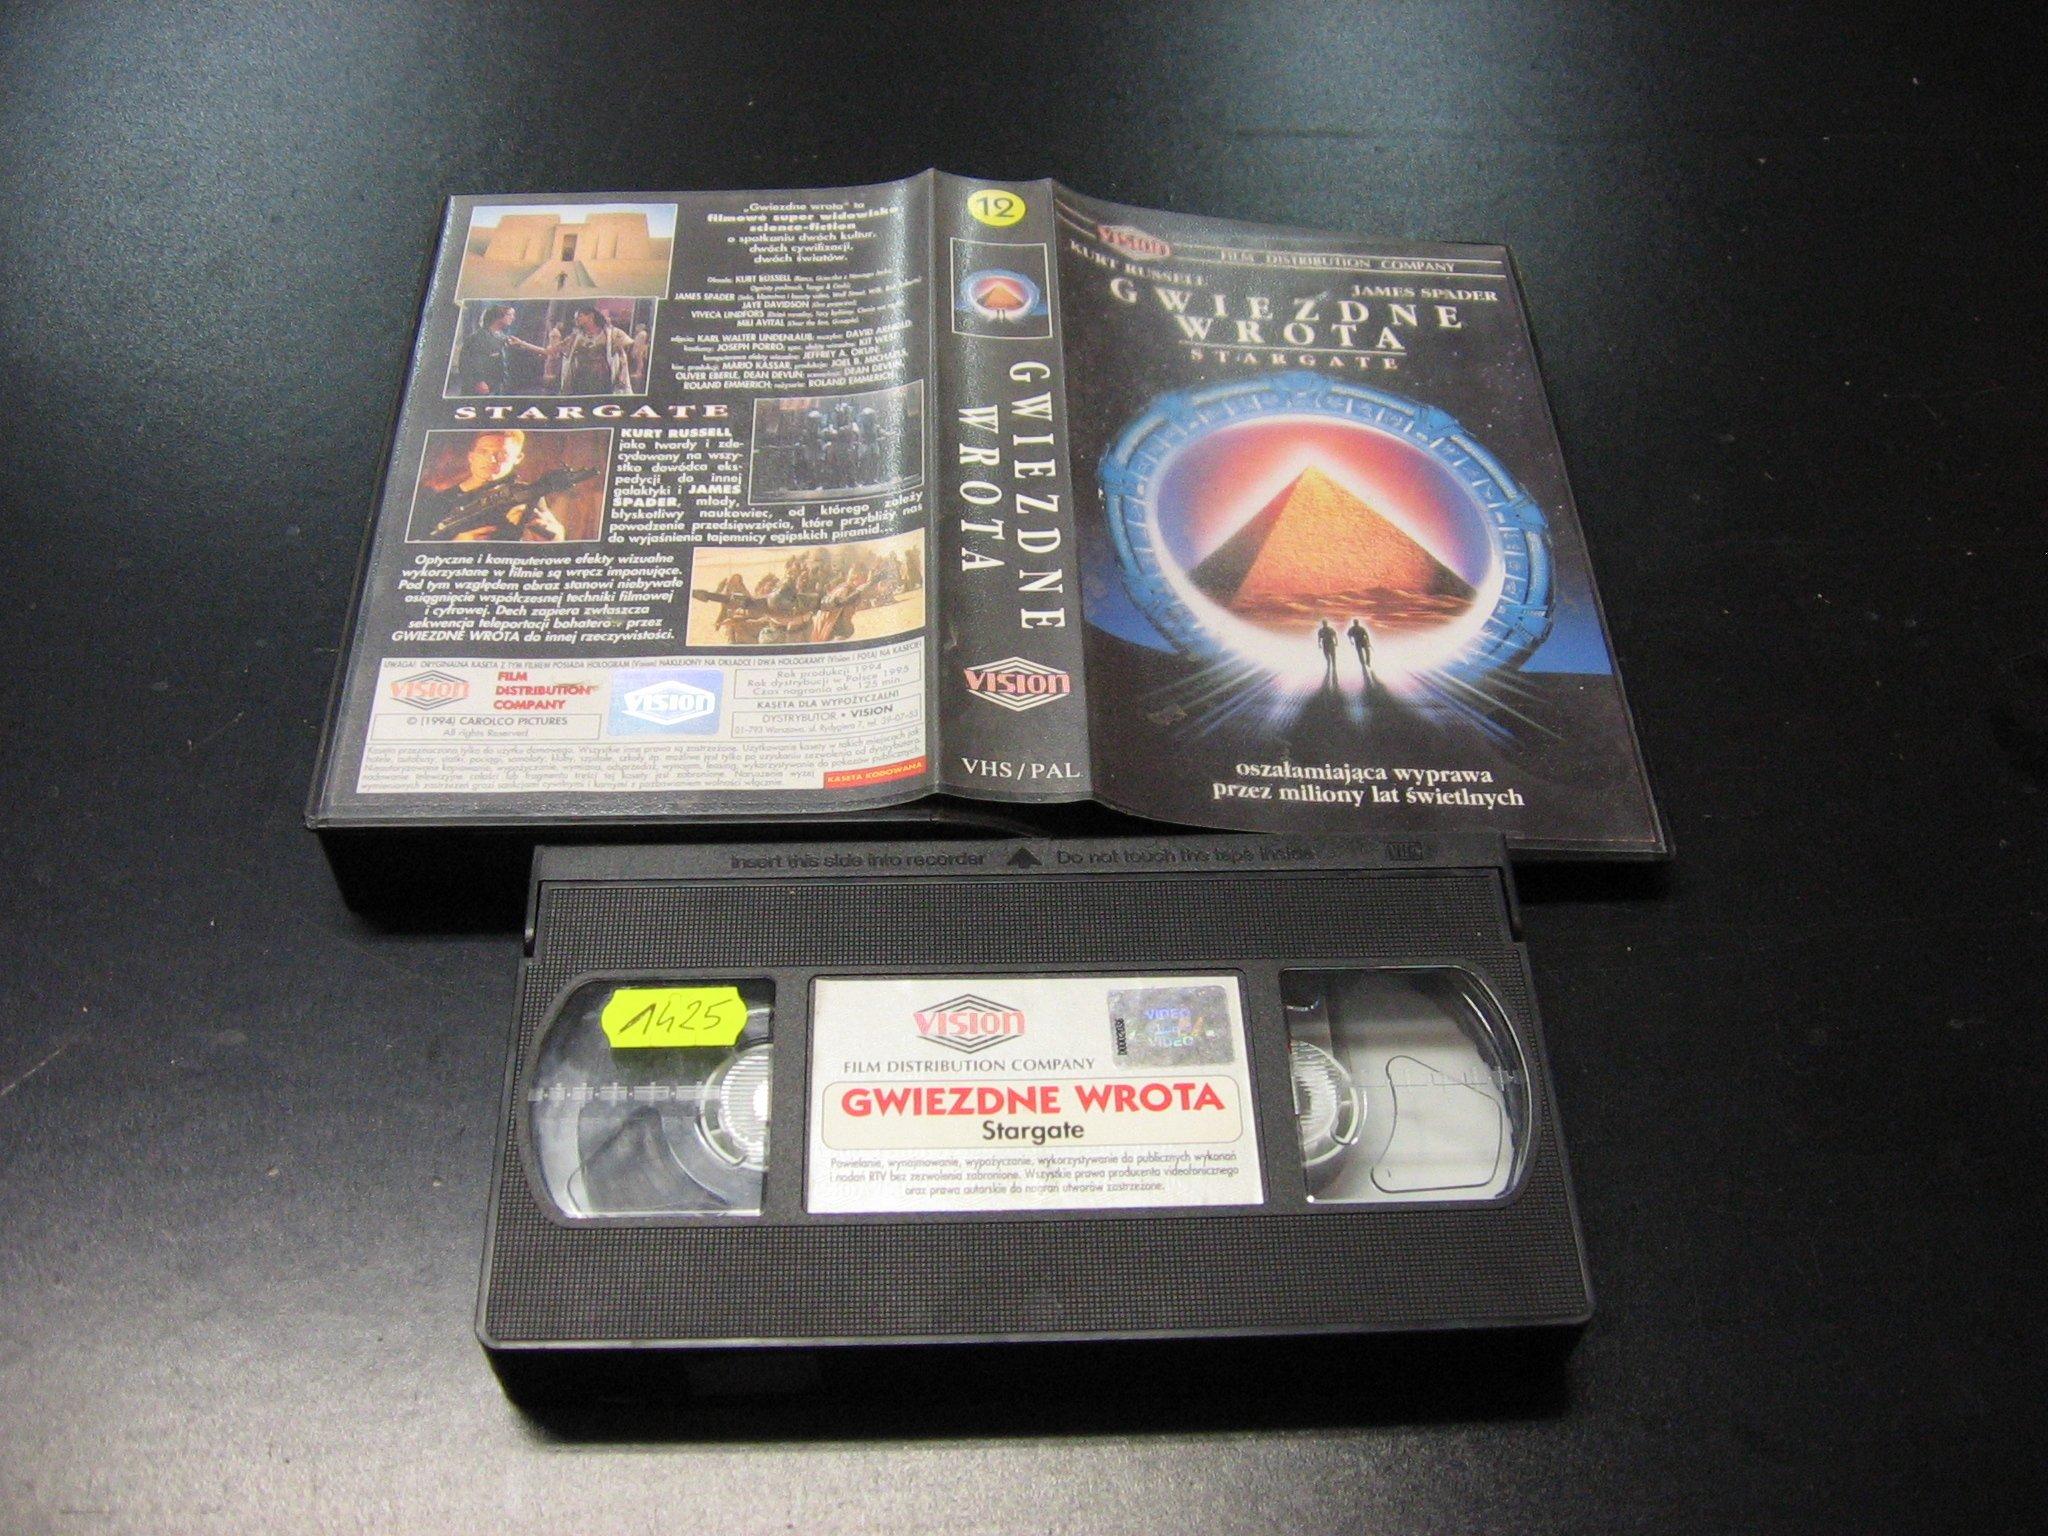 GWIEZDNE WROTA -  kaseta VHS - 1019 Opole - AlleOpole.pl